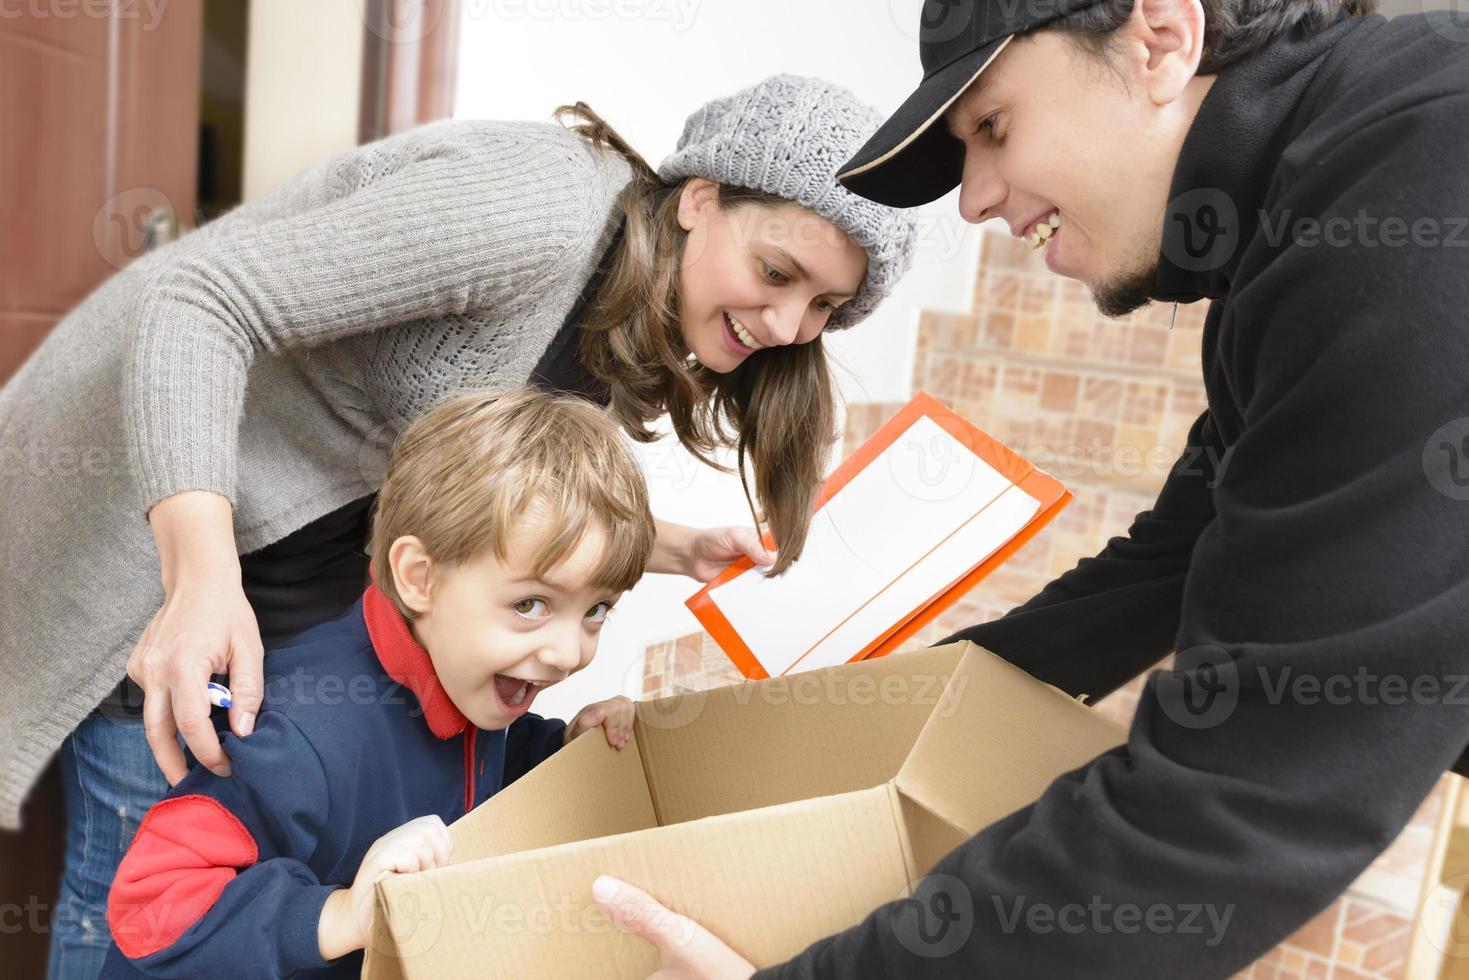 Kurier liefert ein Paket foto